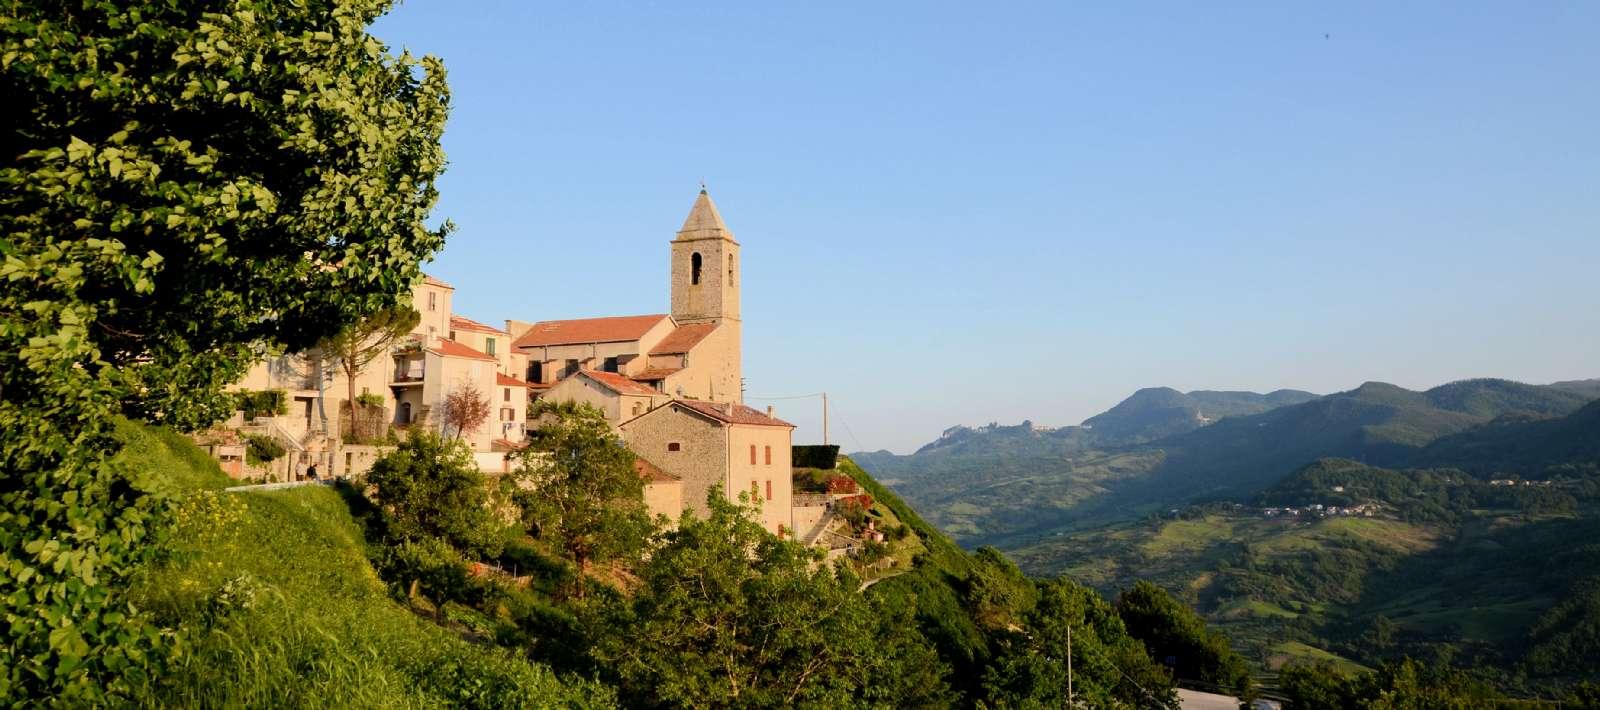 B&B San Pietro ligger i en ejendom ved siden af kirken